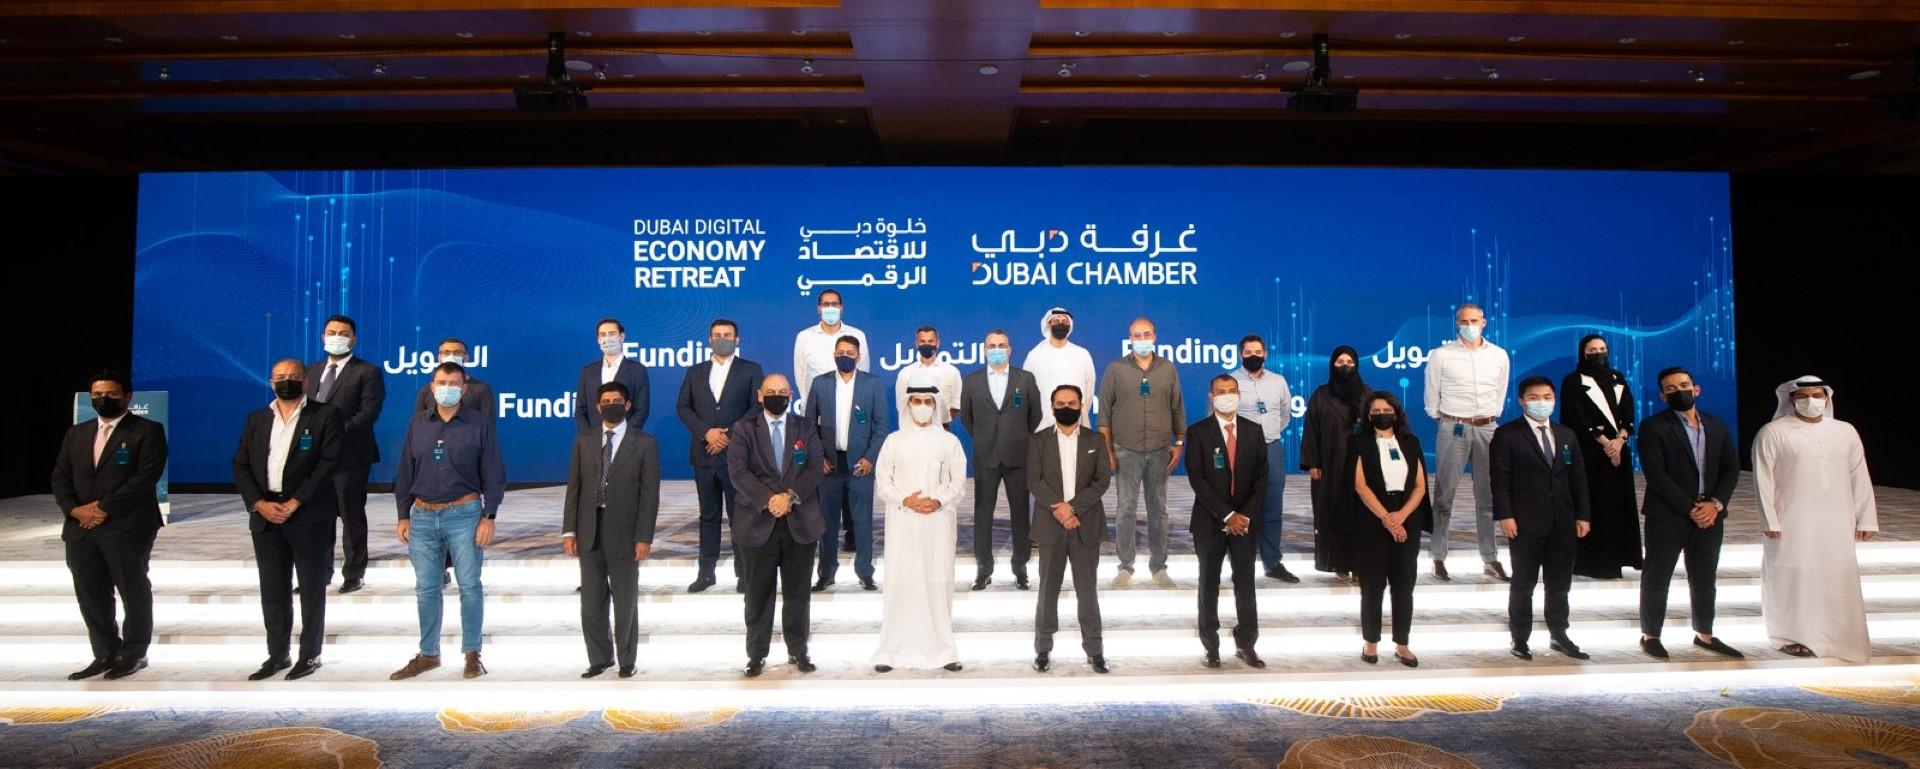 غرفة دبي للاقتصاد الرقمي تنظم خلوة لمناقشة آفاق تطوير القطاع